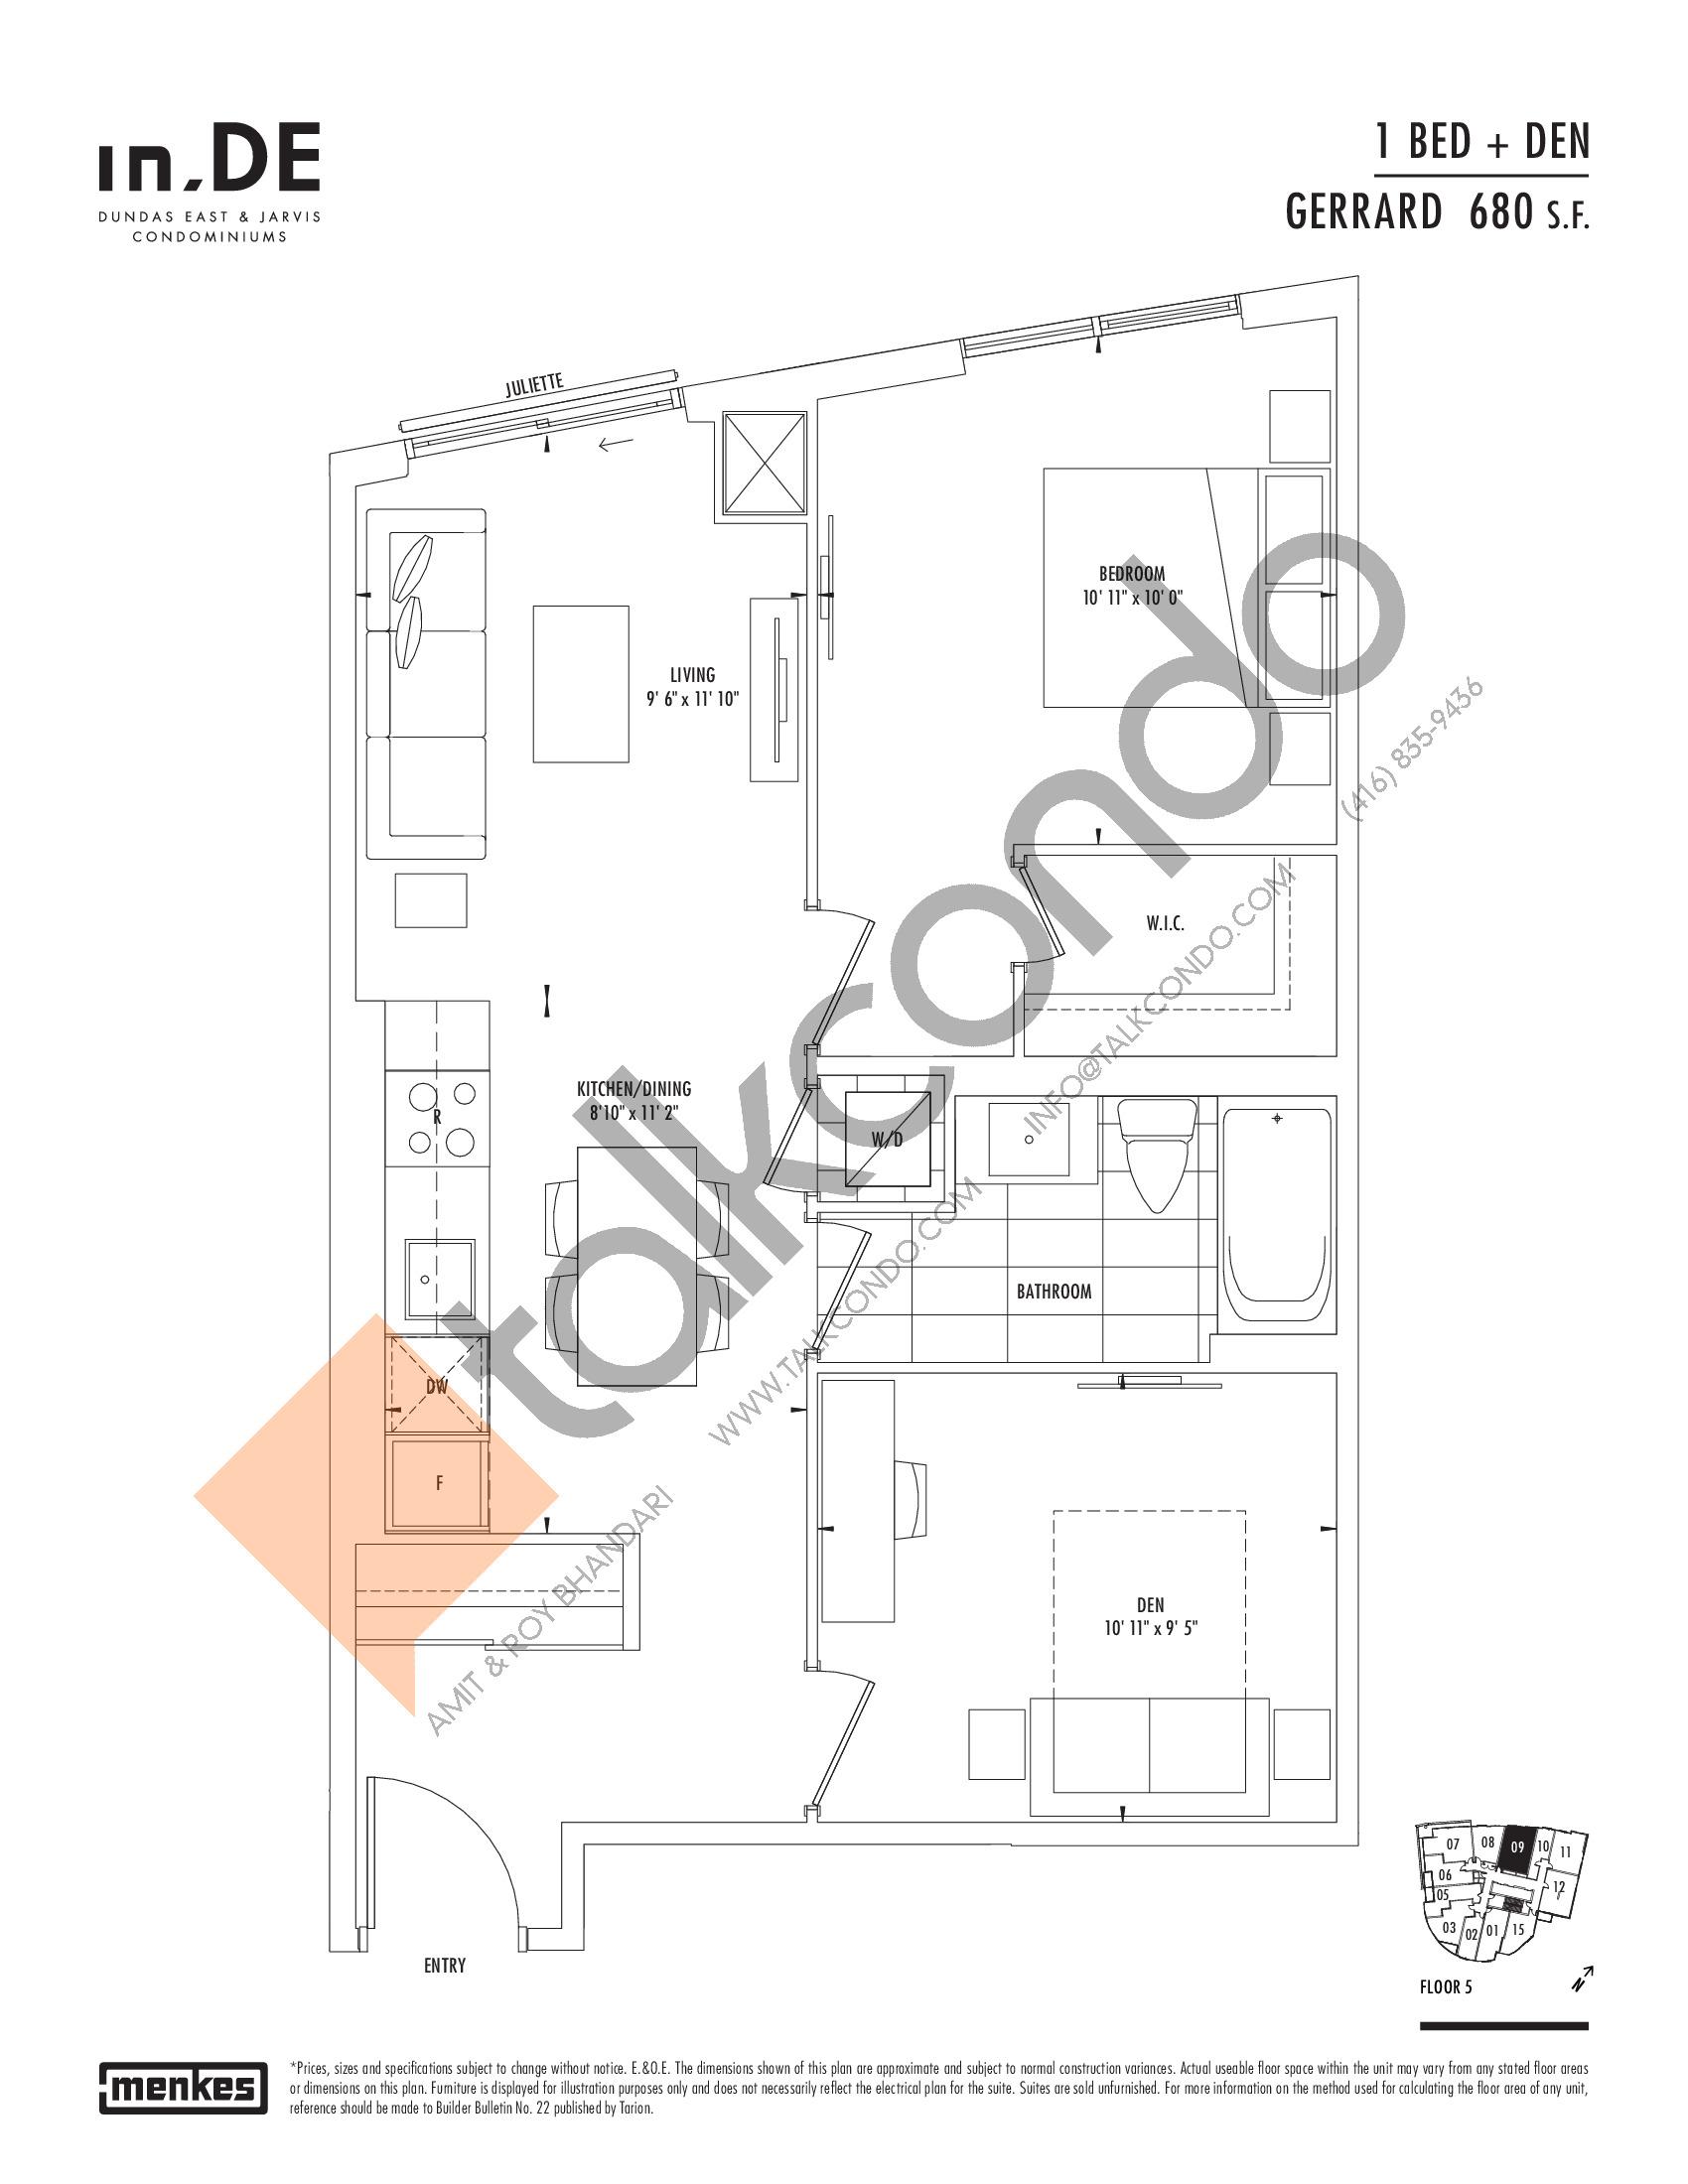 Gerrard Floor Plan at in.DE Condos - 680 sq.ft